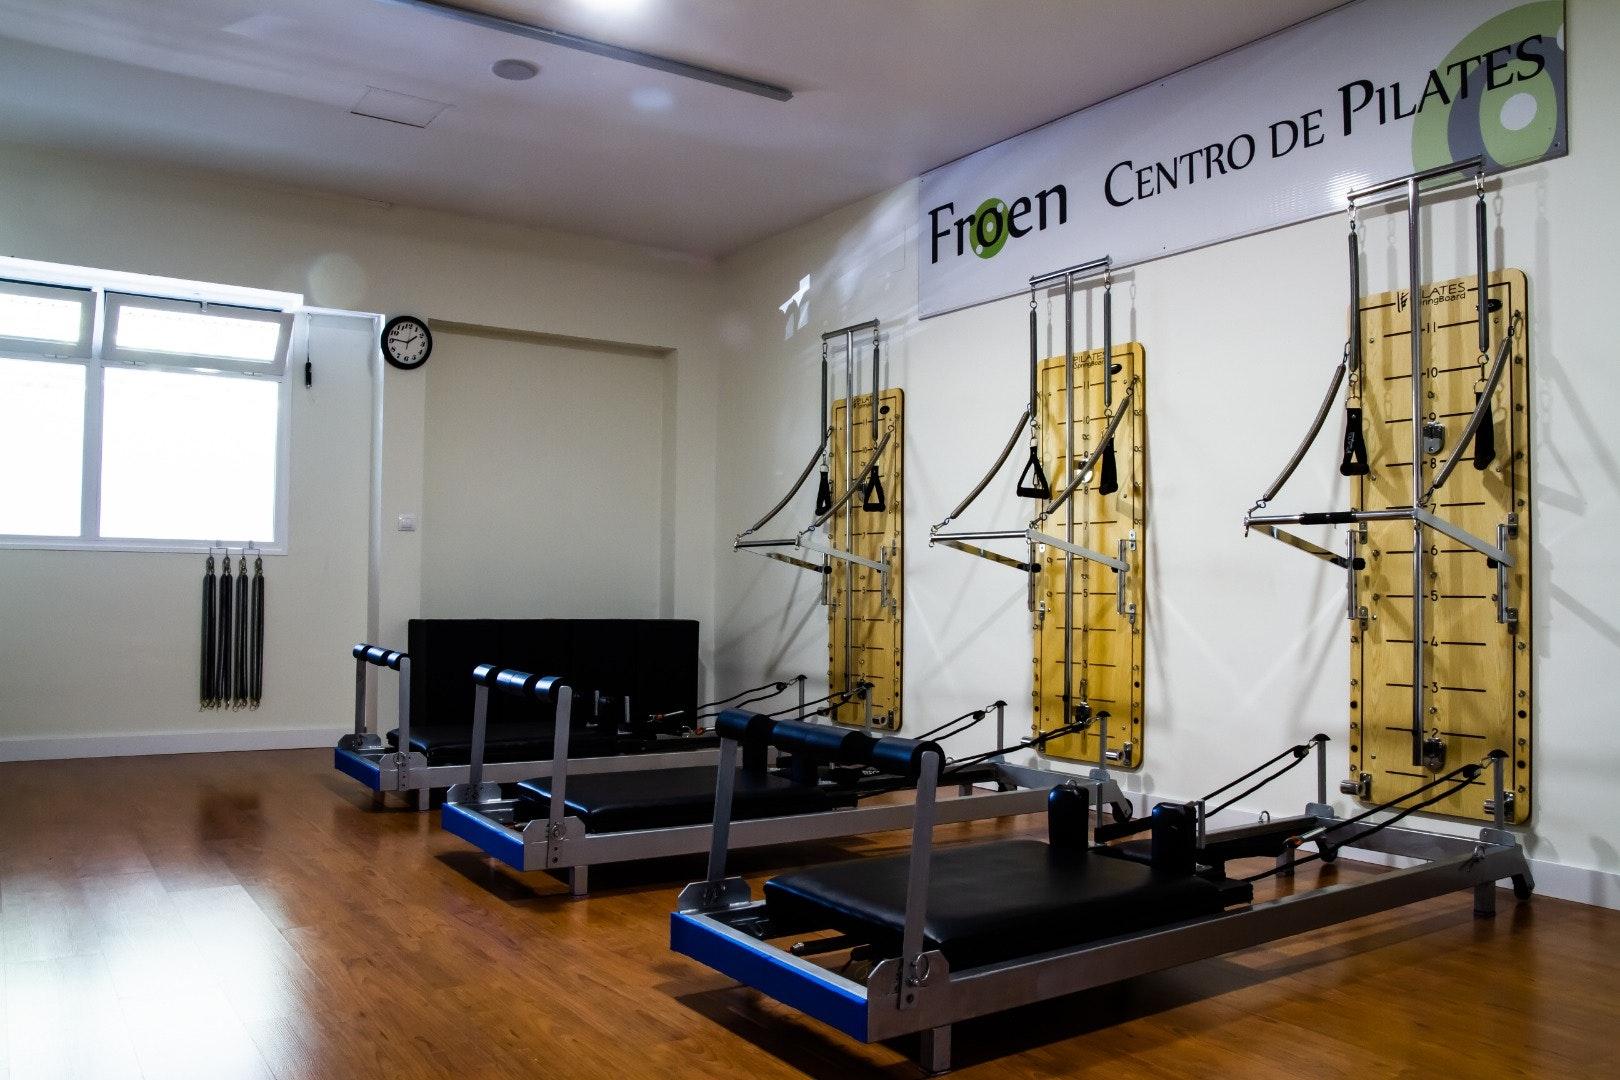 Foto 1 Oferta Froen Centro de Pilates Zaragoza {2} - GymForLess